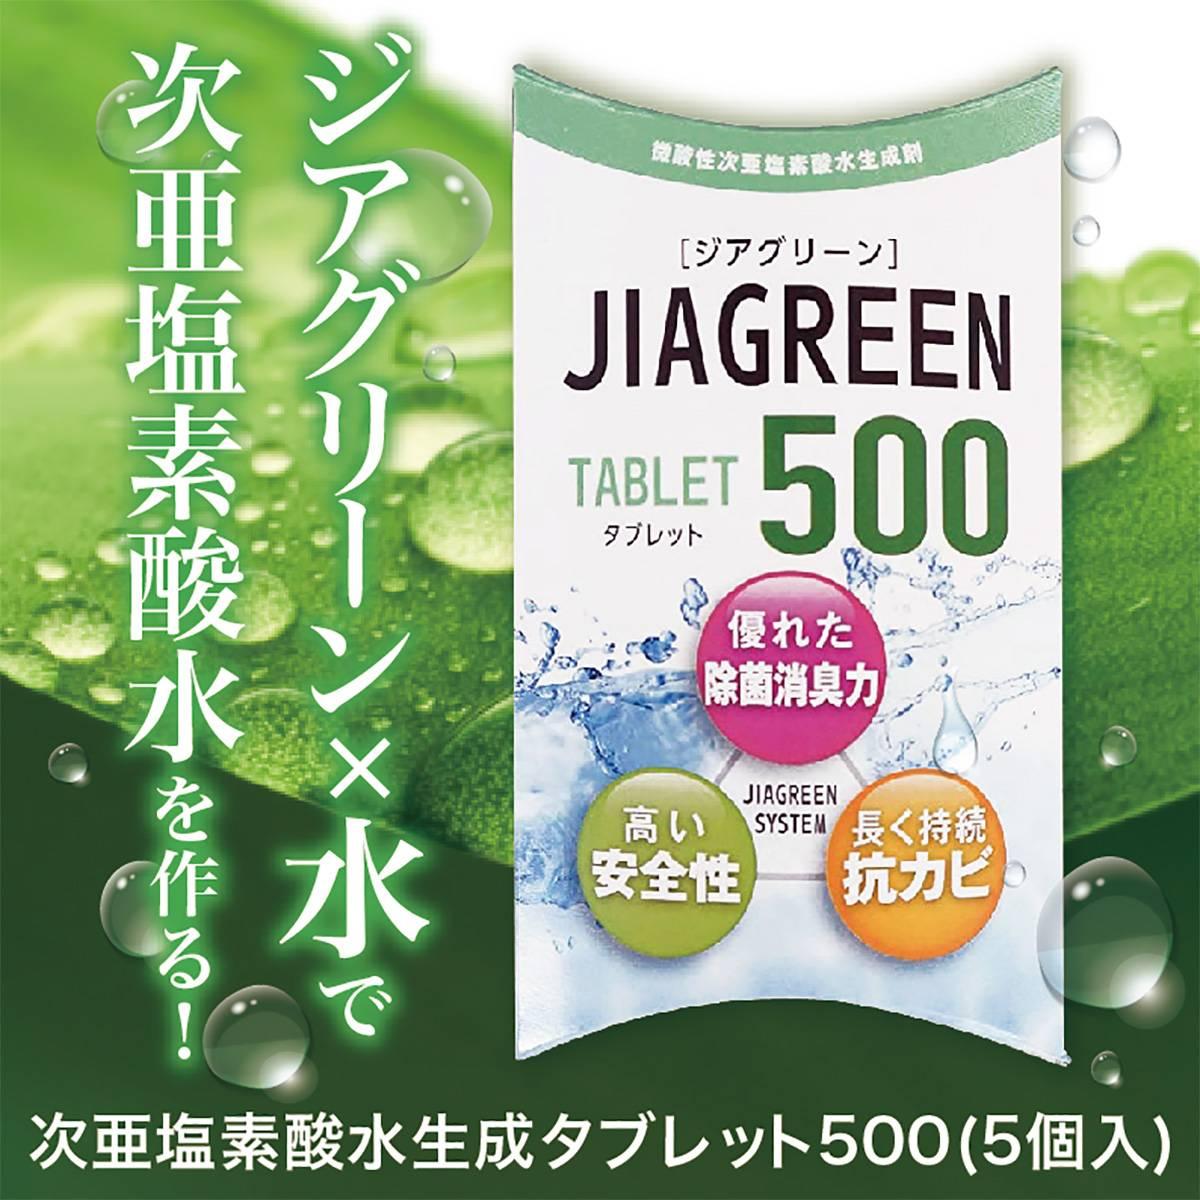 ジアグリーン×水で次亜塩素水を作る!次亜塩素水生成タブレット500(5個入)